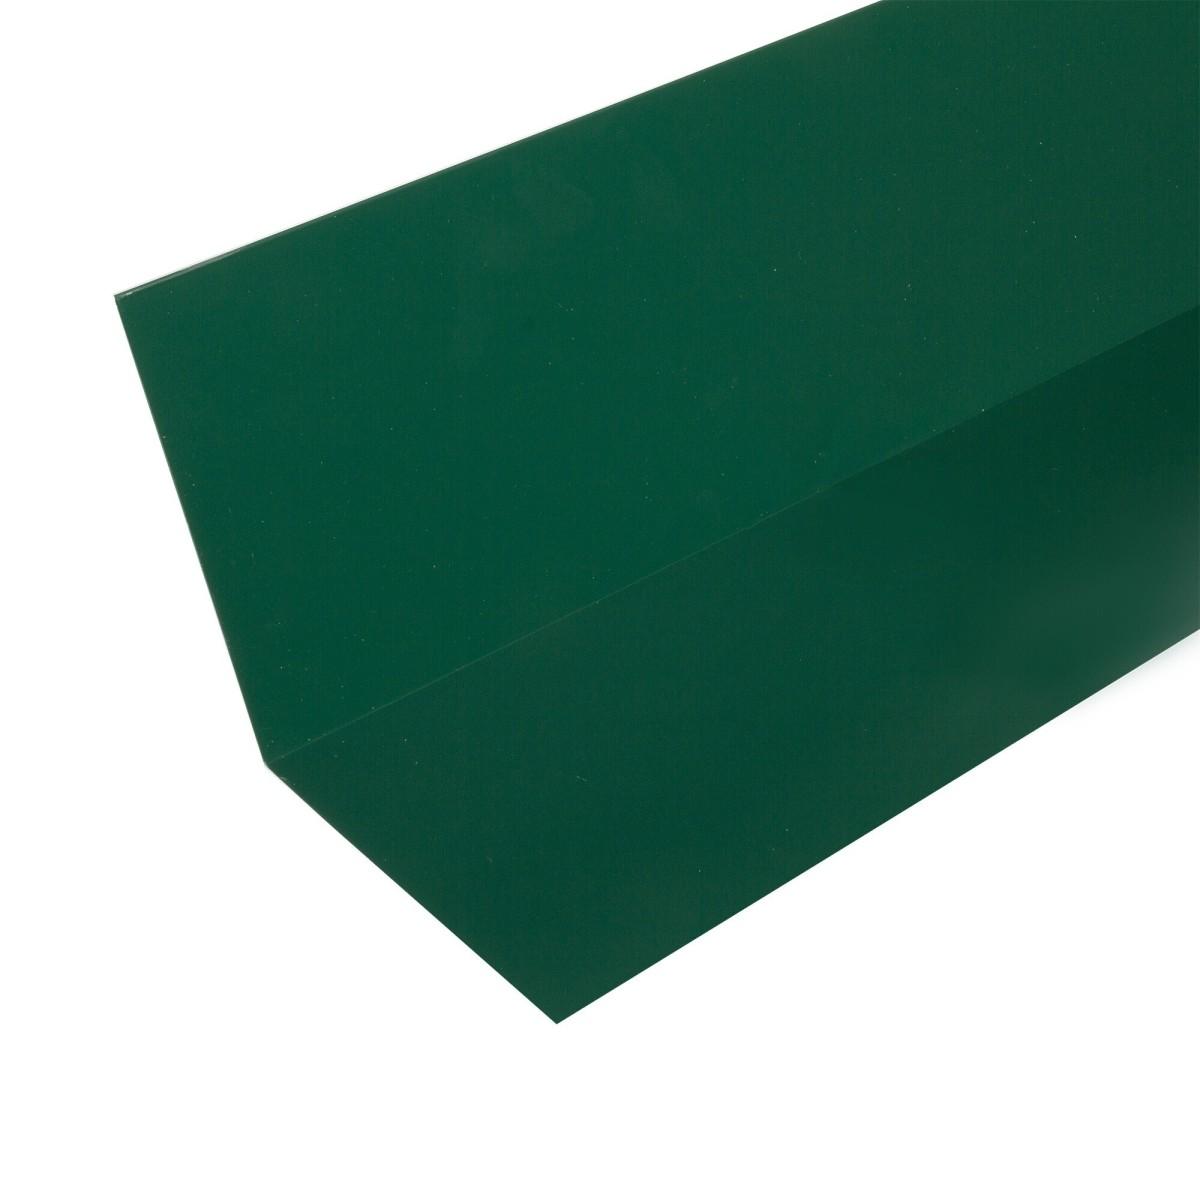 Планка примыкания верхняя п/э 2 м зеленый